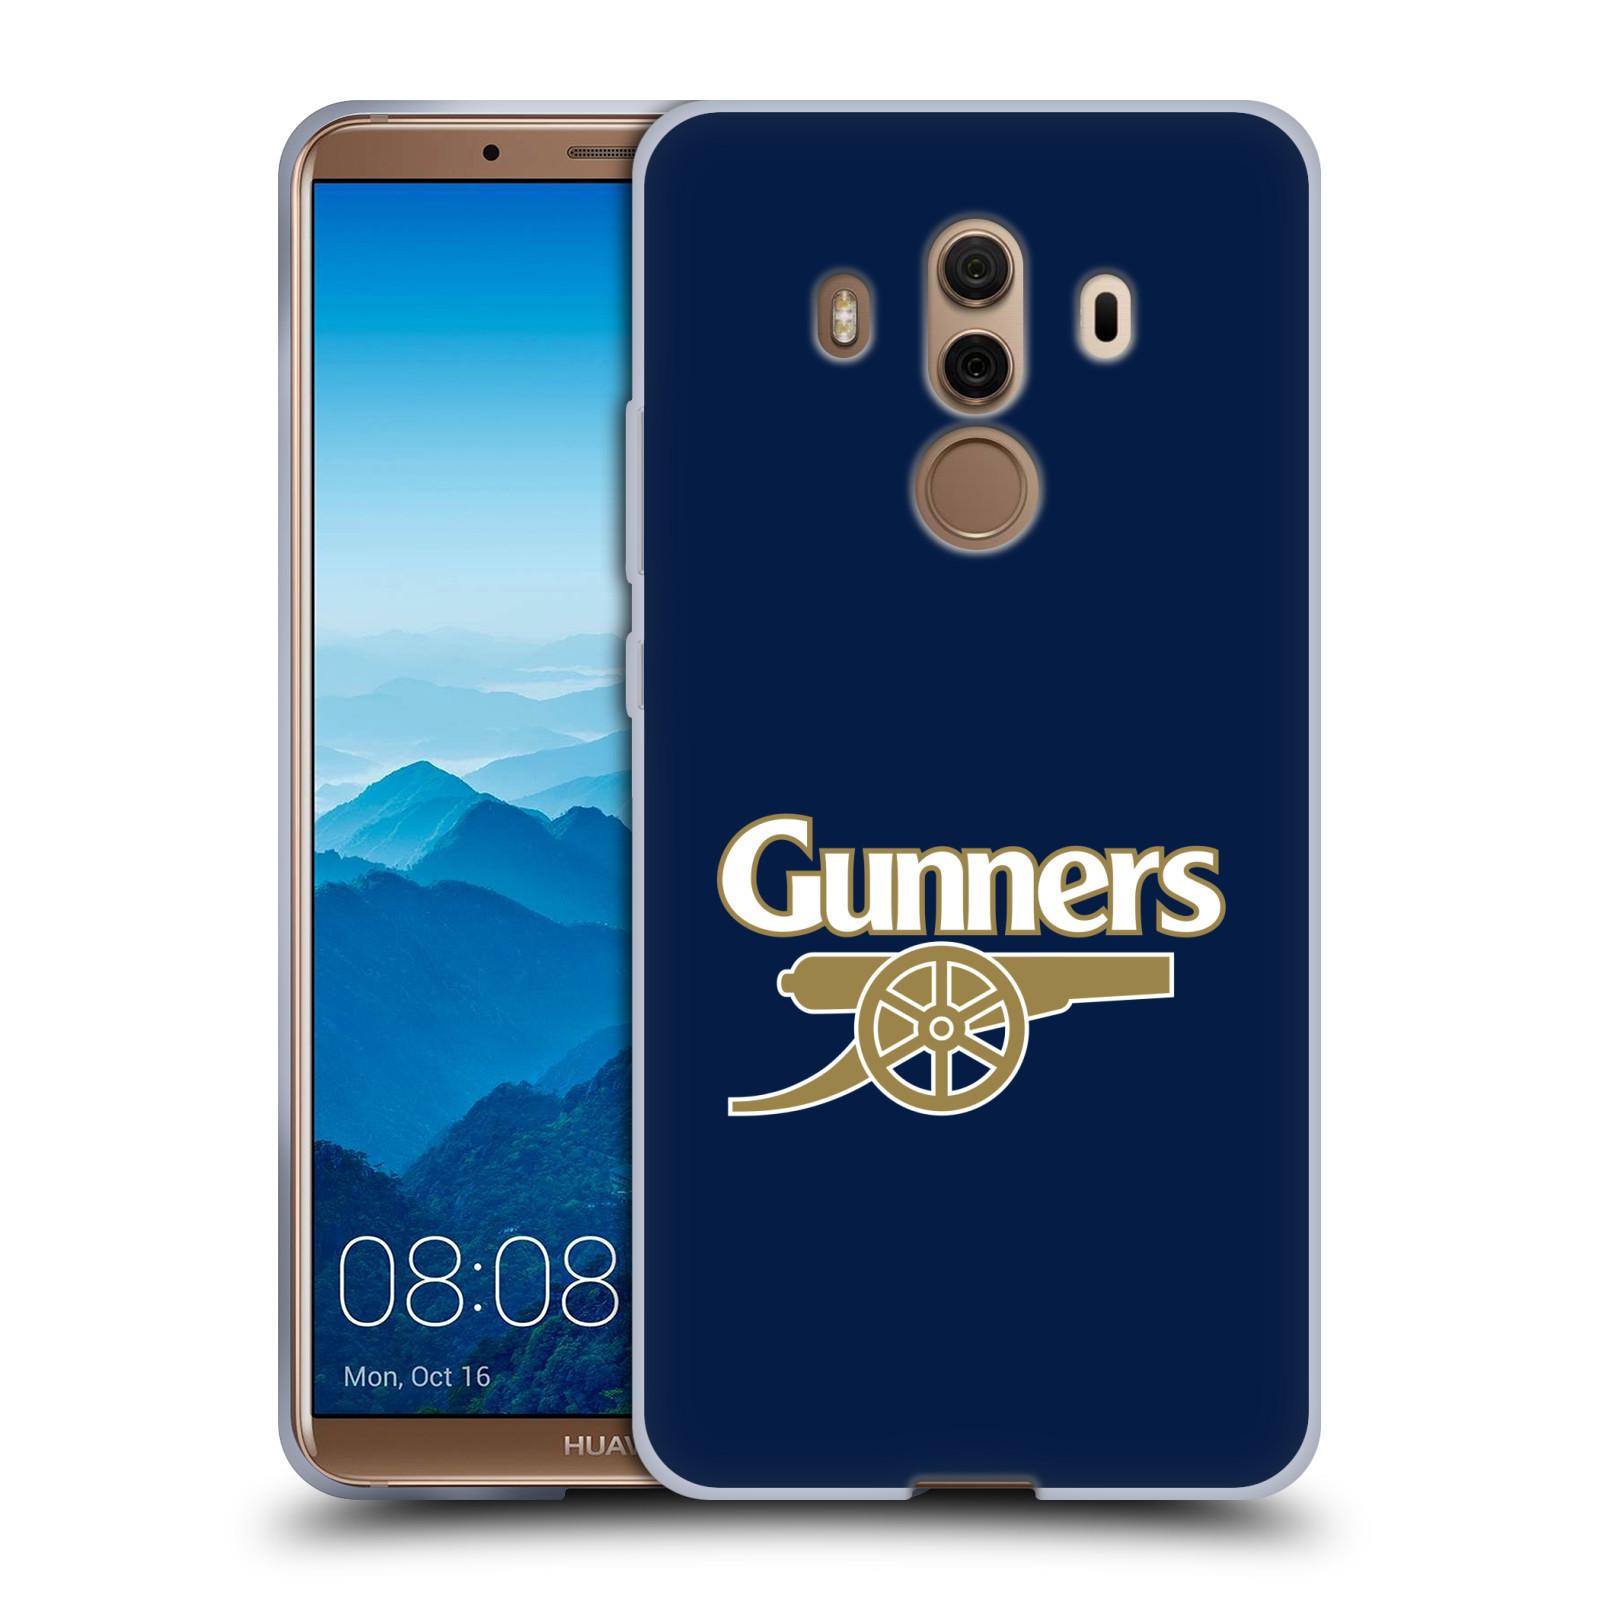 Silikonové pouzdro na mobil Huawei Mate 10 Pro - Head Case - Arsenal FC - Gunners